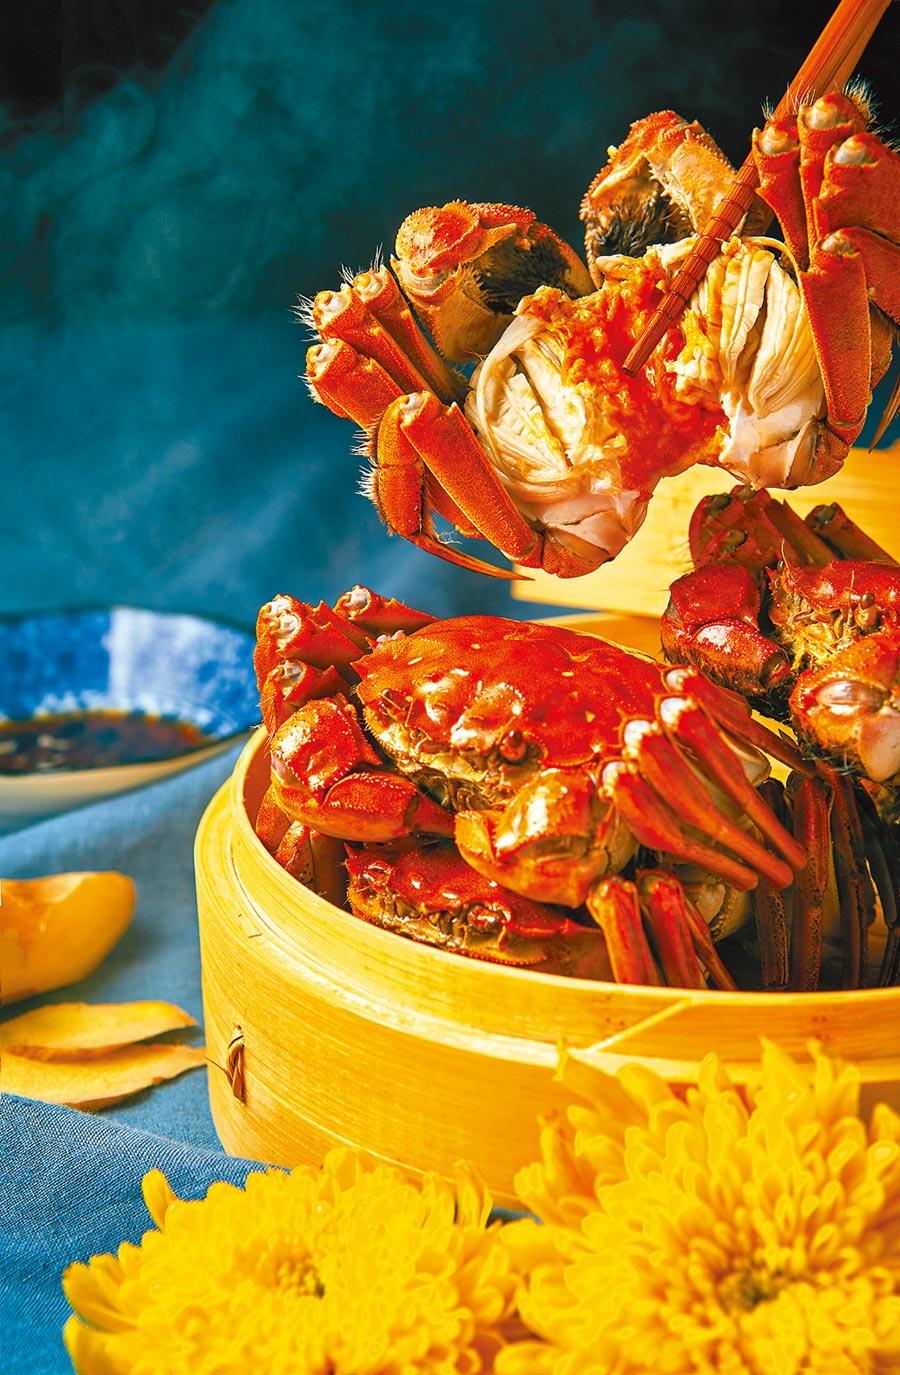 大閘蟹開捕上市,老饕啖美食之際,六類人吃蟹需謹慎。(CFP)